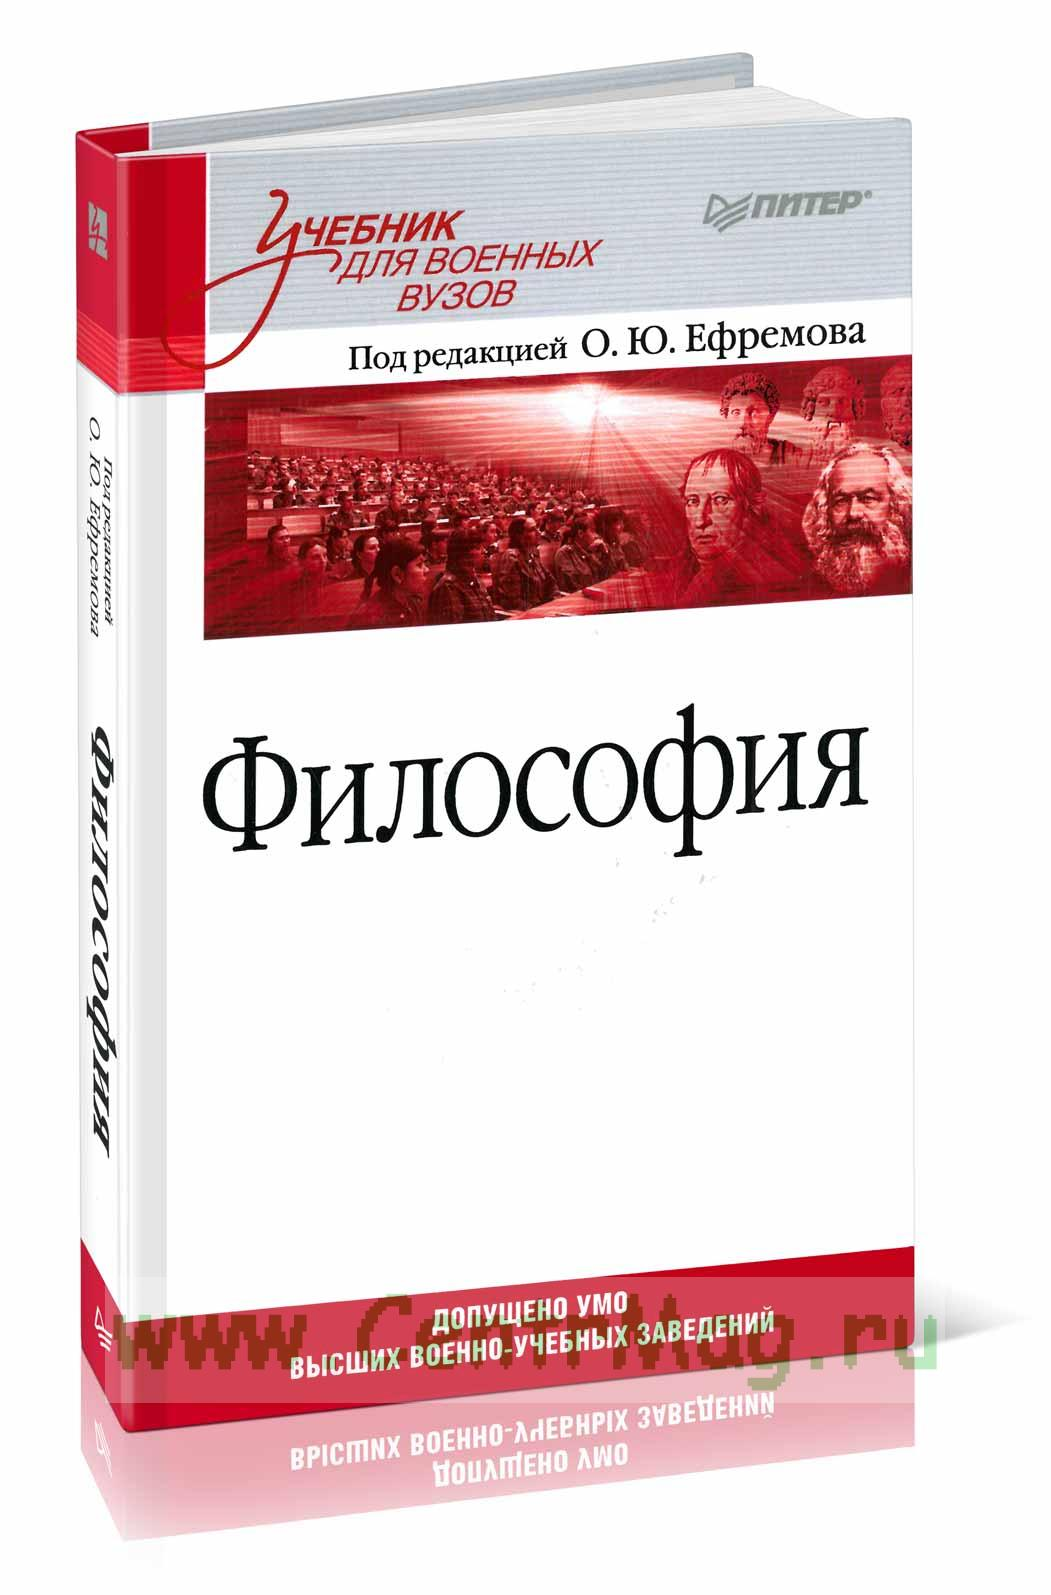 Философия: Учебник для военных вузов